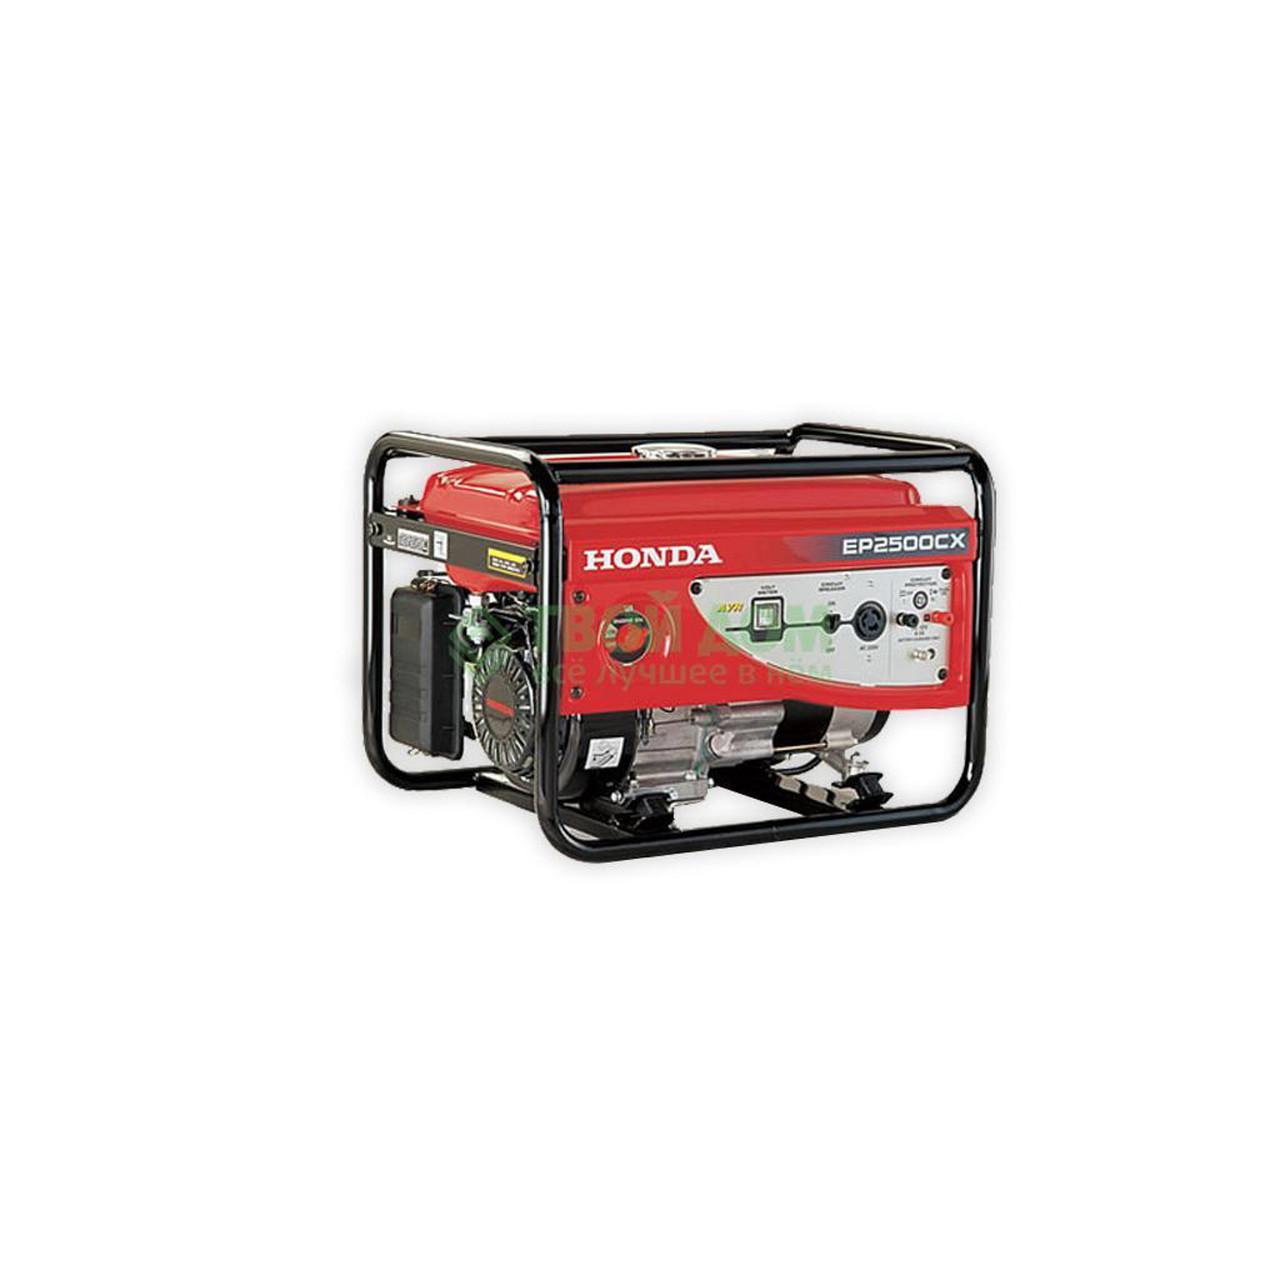 Генераторы и электростанции Honda EP 2500 электрогенератор для дома стройки склада Хонда 2500 Элекстростартер